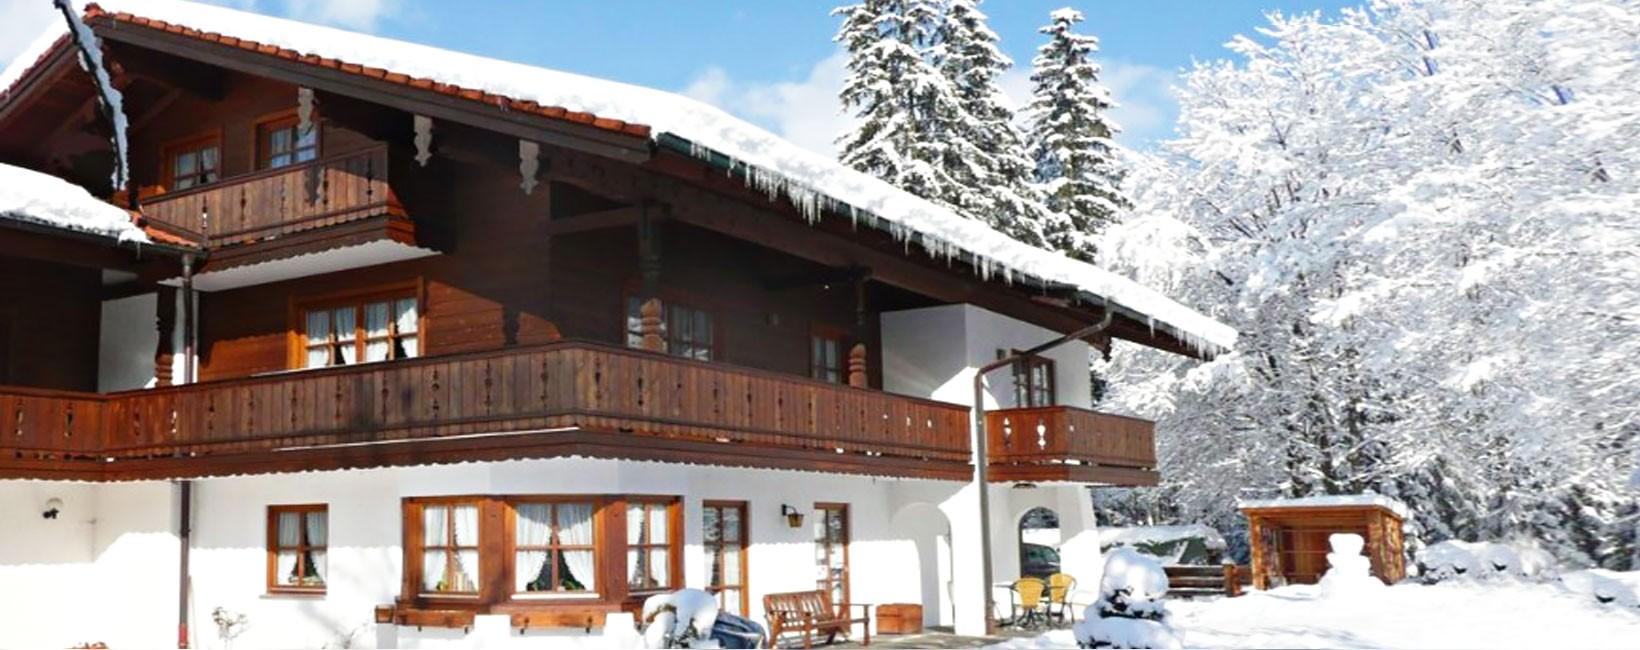 Ferienwohnungen am Tradenlehen im Winter